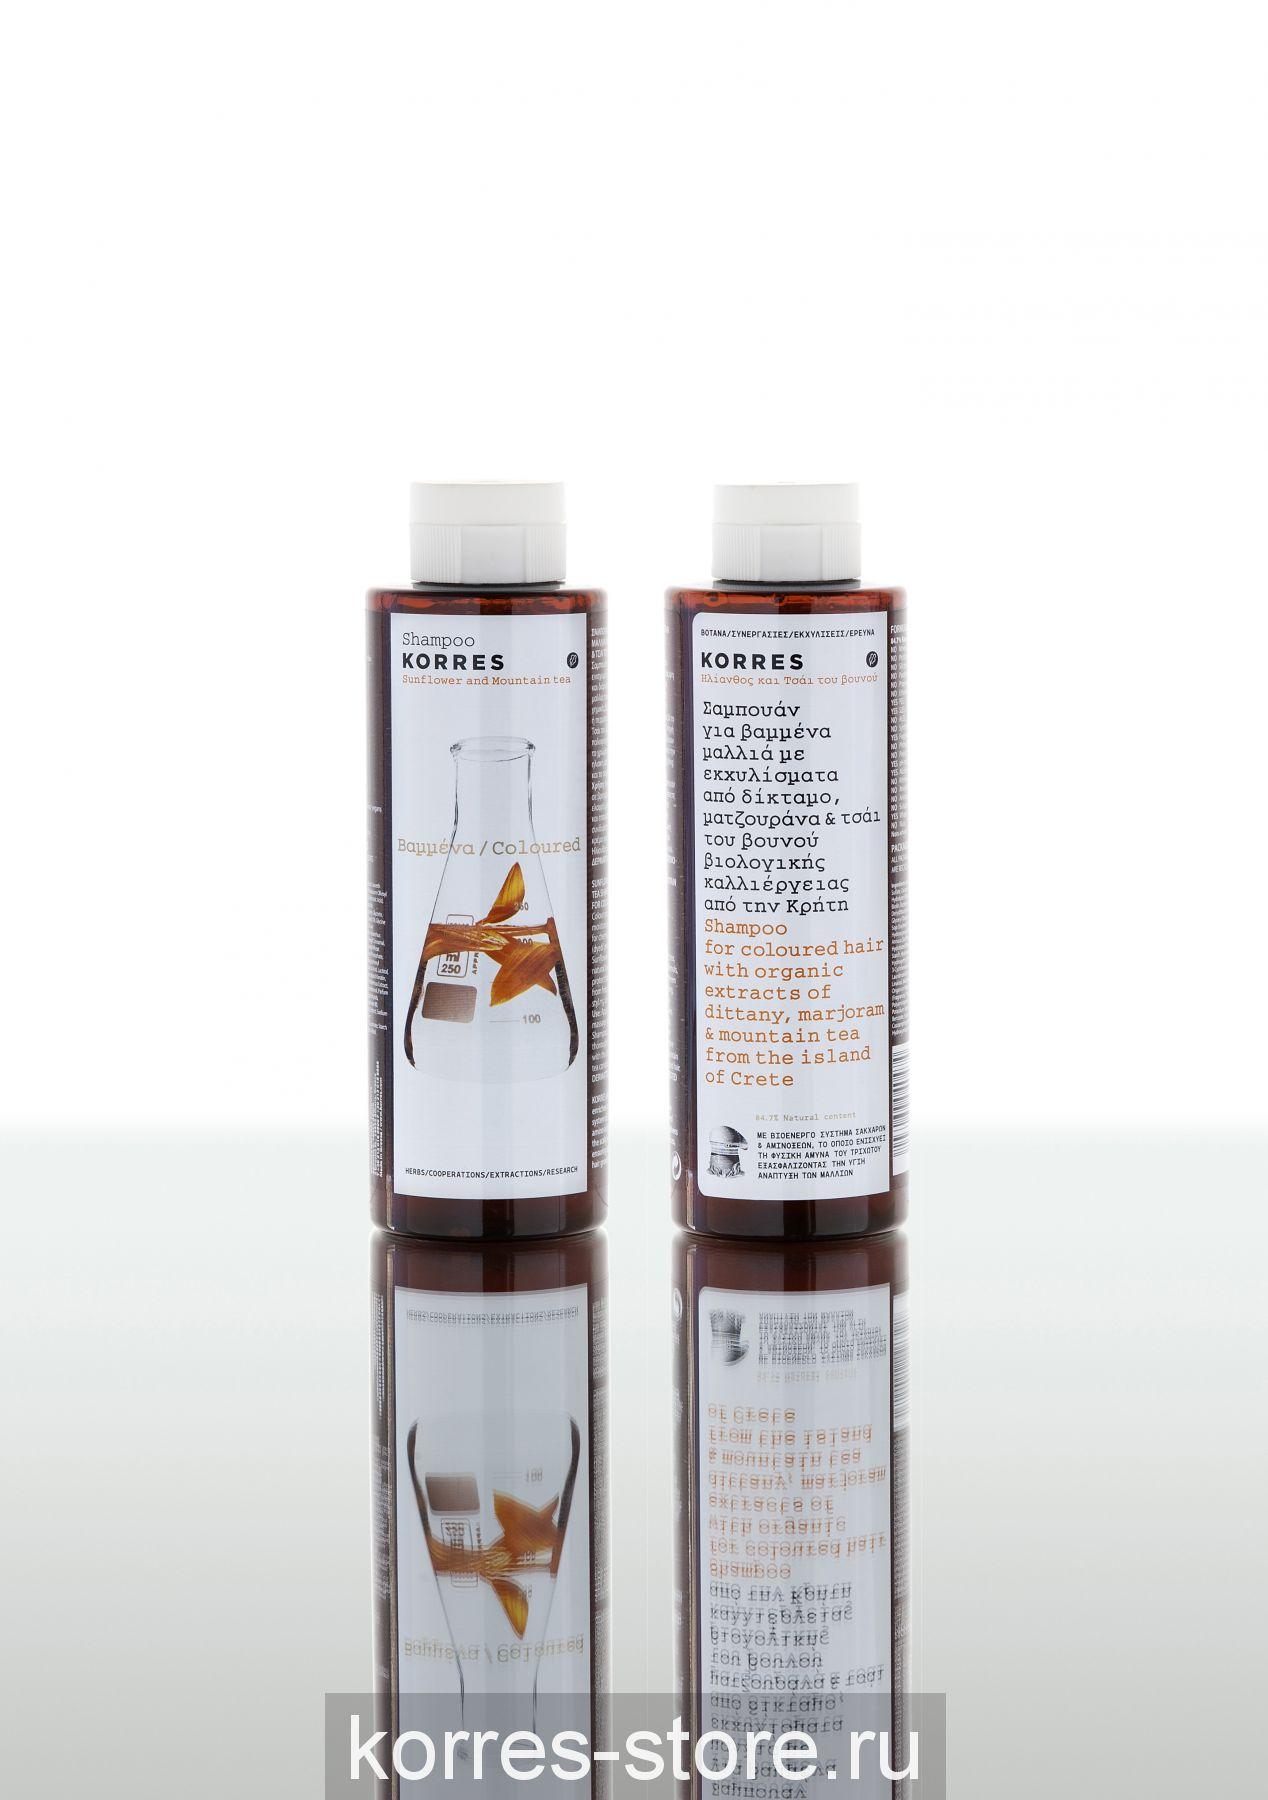 Korres экстракт подсолнуха и гаультерия шампунь для окрашенных волос - korres store - продажа греческой косметики в санкт-петерб.